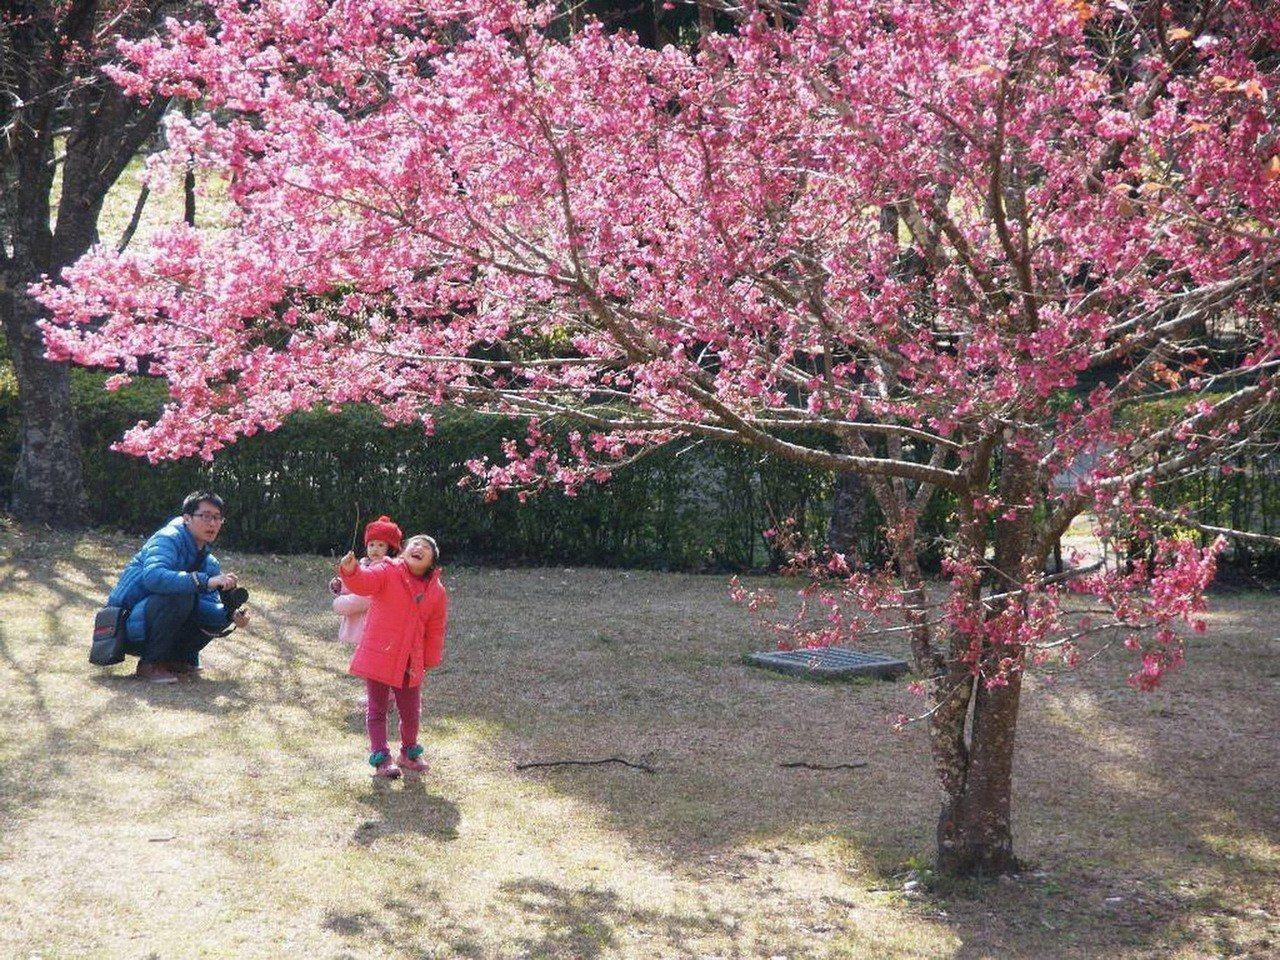 春天正是櫻花盛開季節,奧萬大園區櫻花目前持續綻放,相當迷人。圖/南投林管處提供